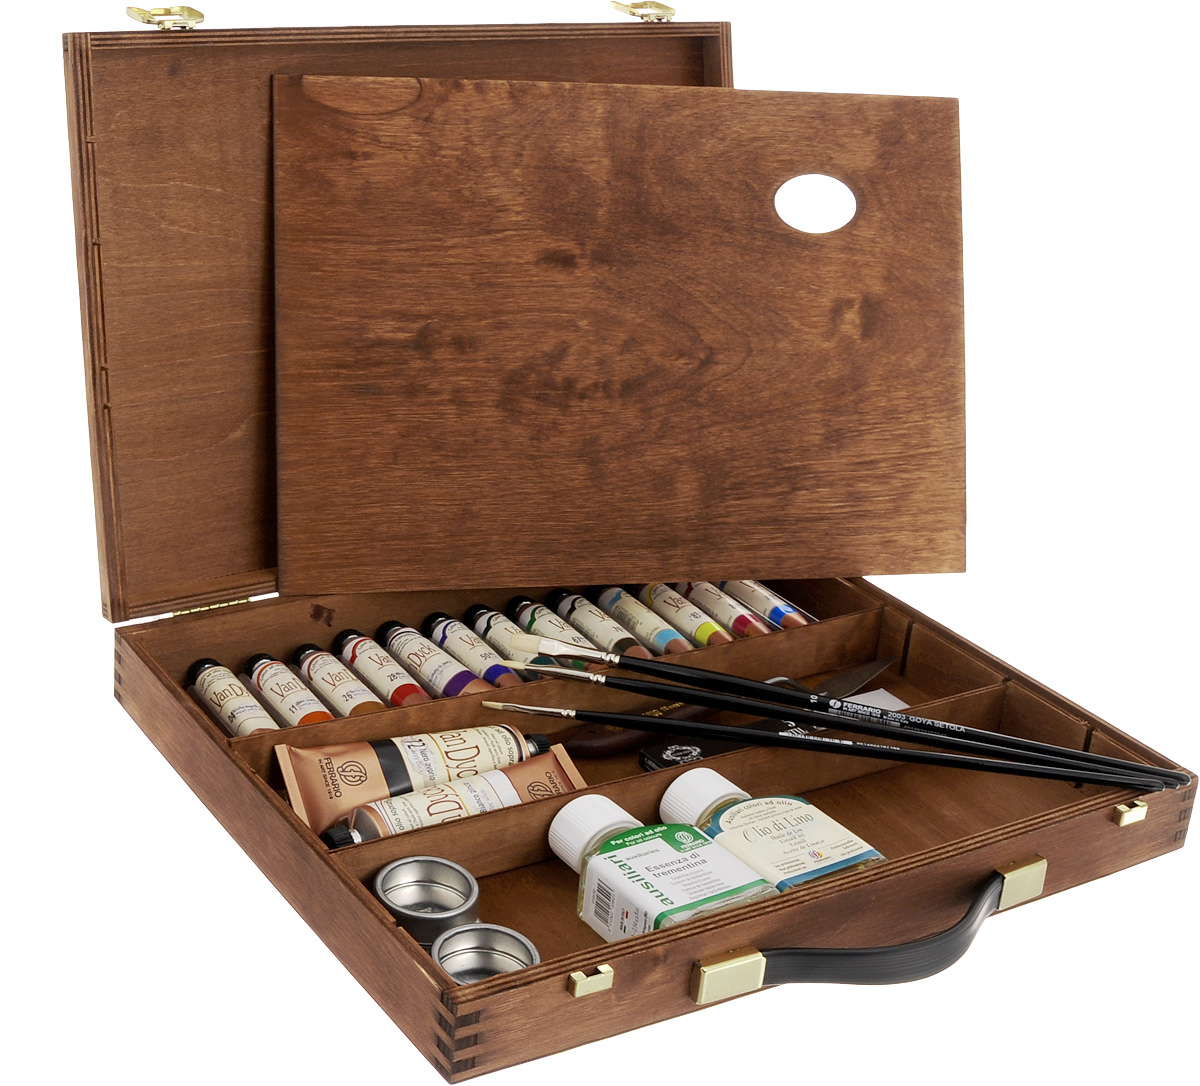 Набор масляных красок Ferrario Van Dyck, в деревянном кейсе, 24 предметаAV1122COНабор Ferrario Van Dyck включает 15 тюбиков масляных красок разных цветов, флакон с льняным маслом и флаконс разбавителем (эссенция терпентина), двойную металлическую масленку, деревянную палитру, 3 кисти №6, № 2, №10, мастихин, набор углей для рисования. Для хранения предметов набора предусмотрен деревянный кейс. Масляные краски рекомендуется использовать на холсте, картоне, бумаге и дереве. Основой масляных красокслужат натуральные пигменты и хороший связующий материал, что создает удивительную чистоту цветов иоттенков, которая не теряется даже при смешивании. Краски обладают отличной светостойкостью, имеютповышенное содержание и отличное качество натуральных и синтетических пигментов.Такой набор станет замечательным подарком для художника.Объем красок: 20 мл.Объем белой и черной красок: 60 мл.Длина кистей: 29,5 см, 30 см, 30,5 см.Объем растворителя и масла: 75 мл.Длина мастихина: 21 см.Размер рабочей части мастихина: 5,5 х 1,9 см.Размер палитры: 37 х 28 см.Размер кейса: 38 х 30 х 6 см.